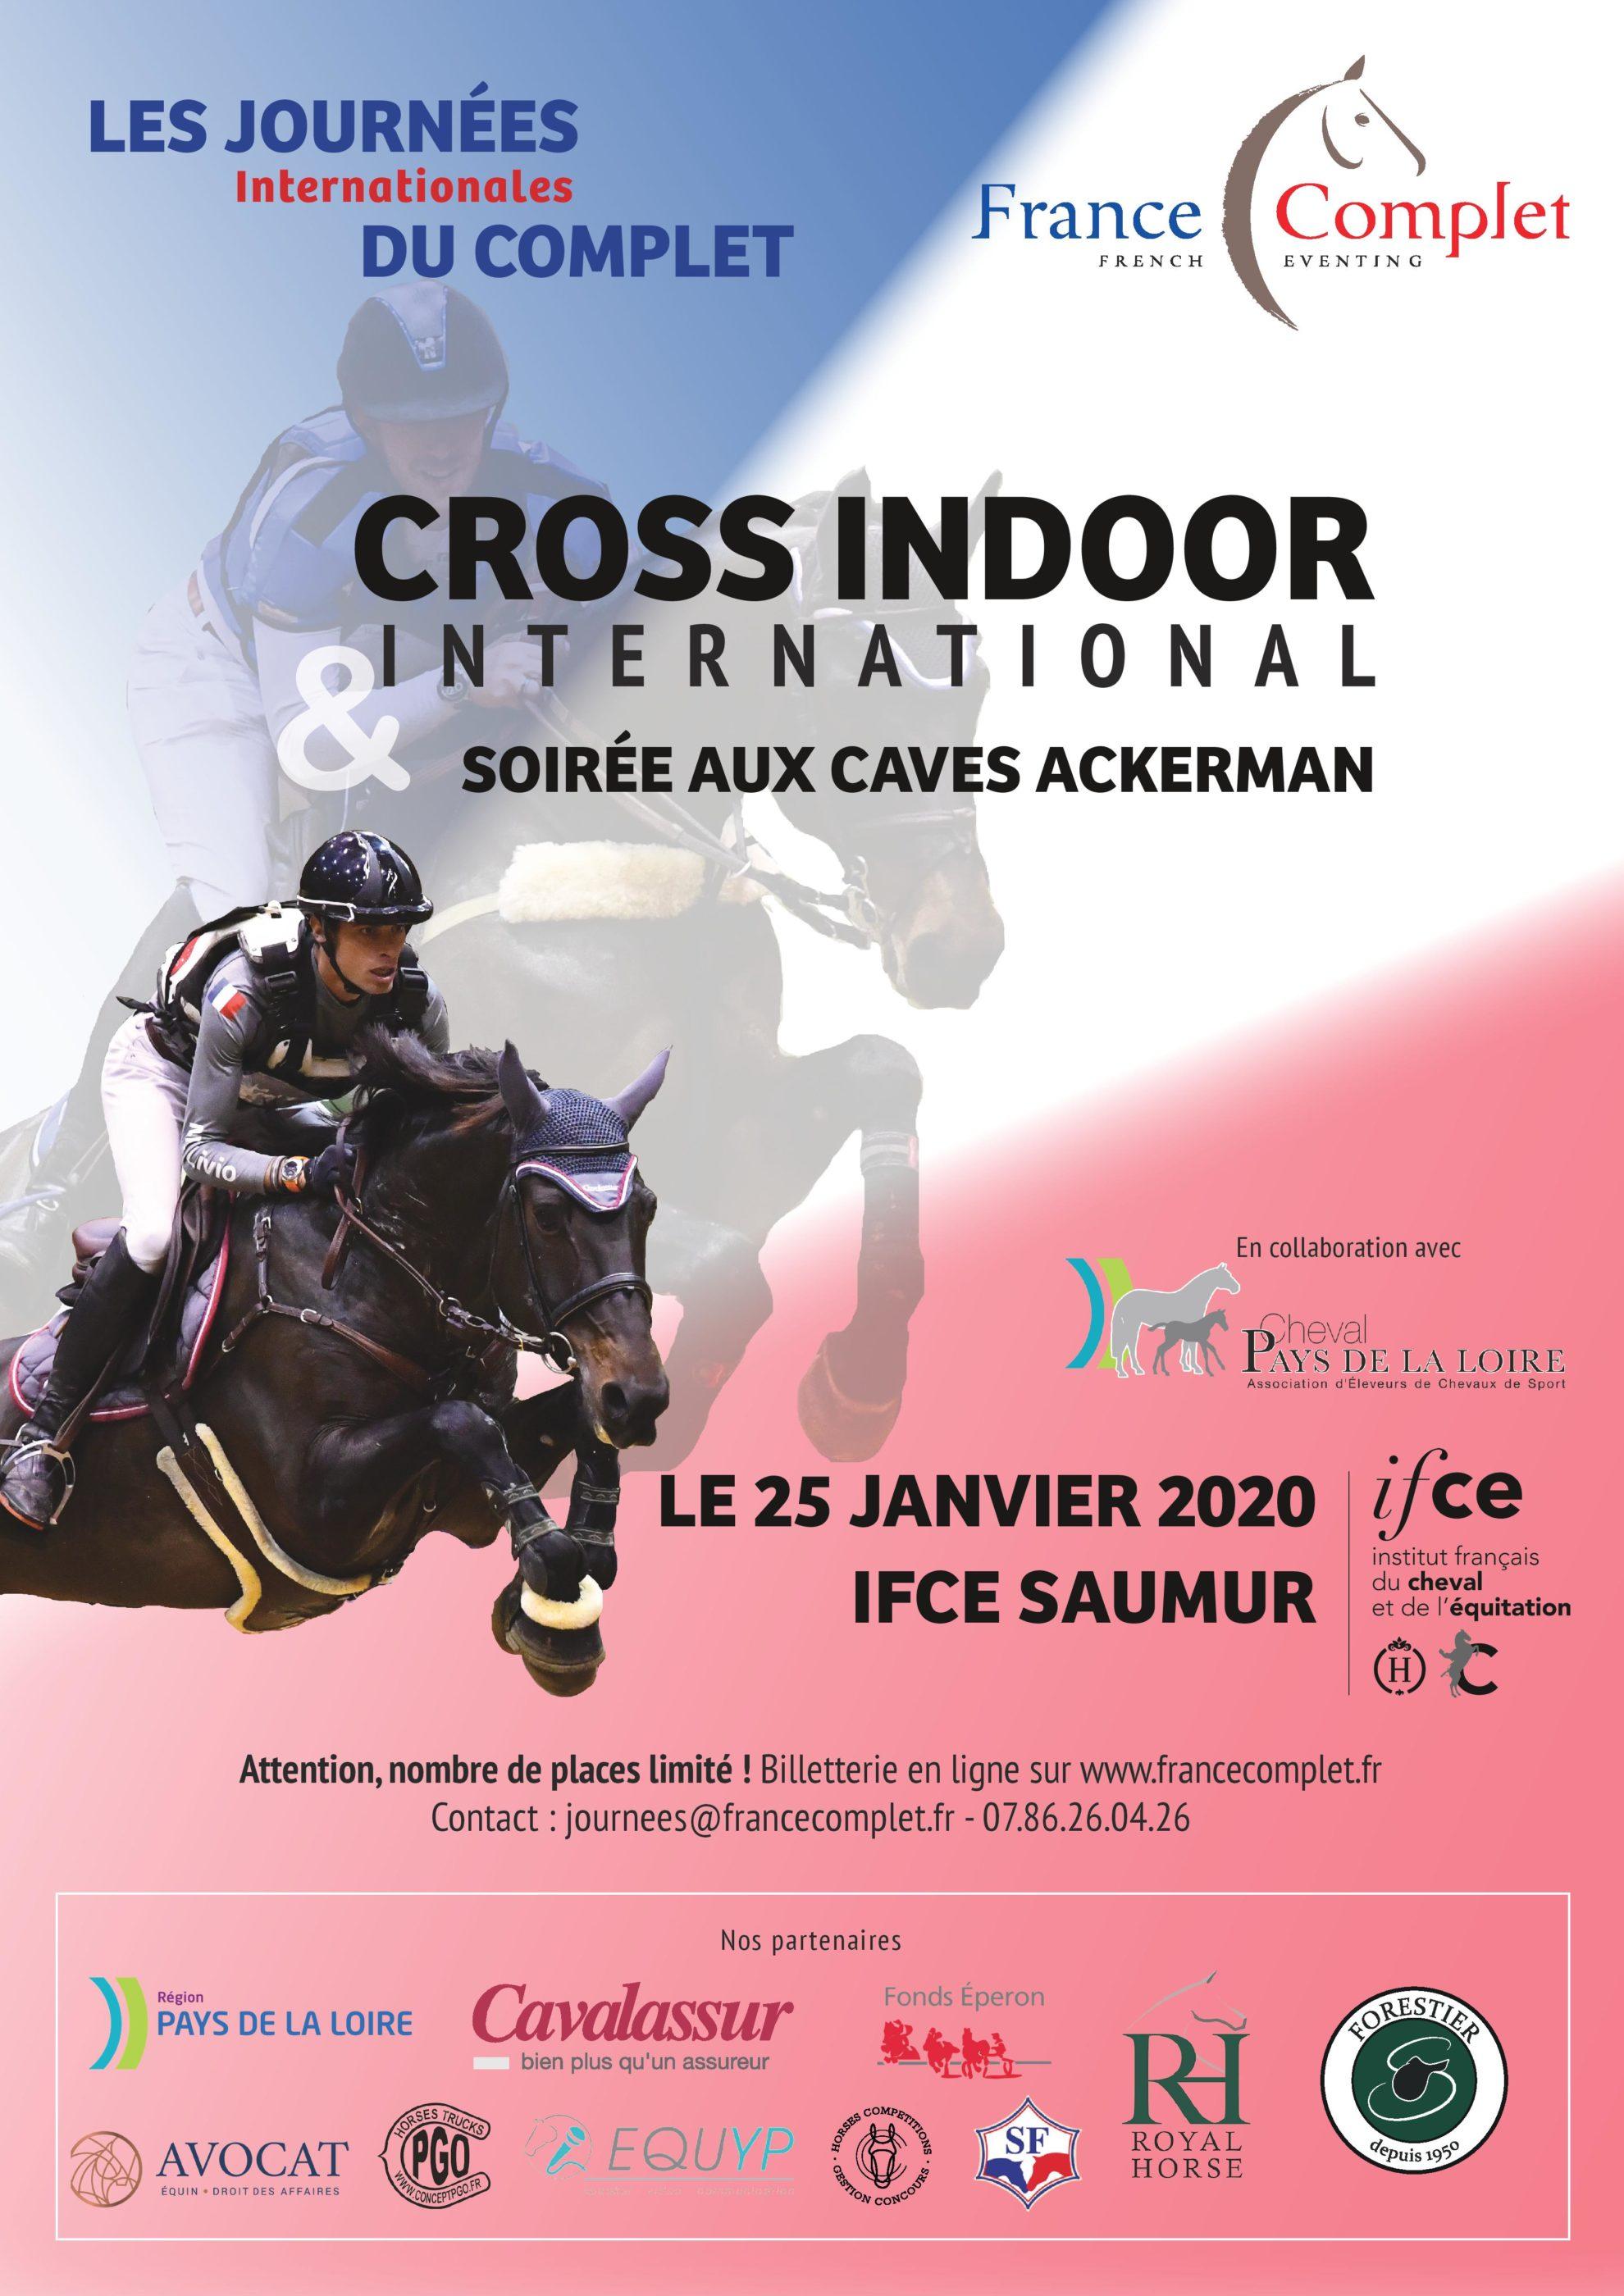 Journées du Complet et Cross Indoor à Saumur